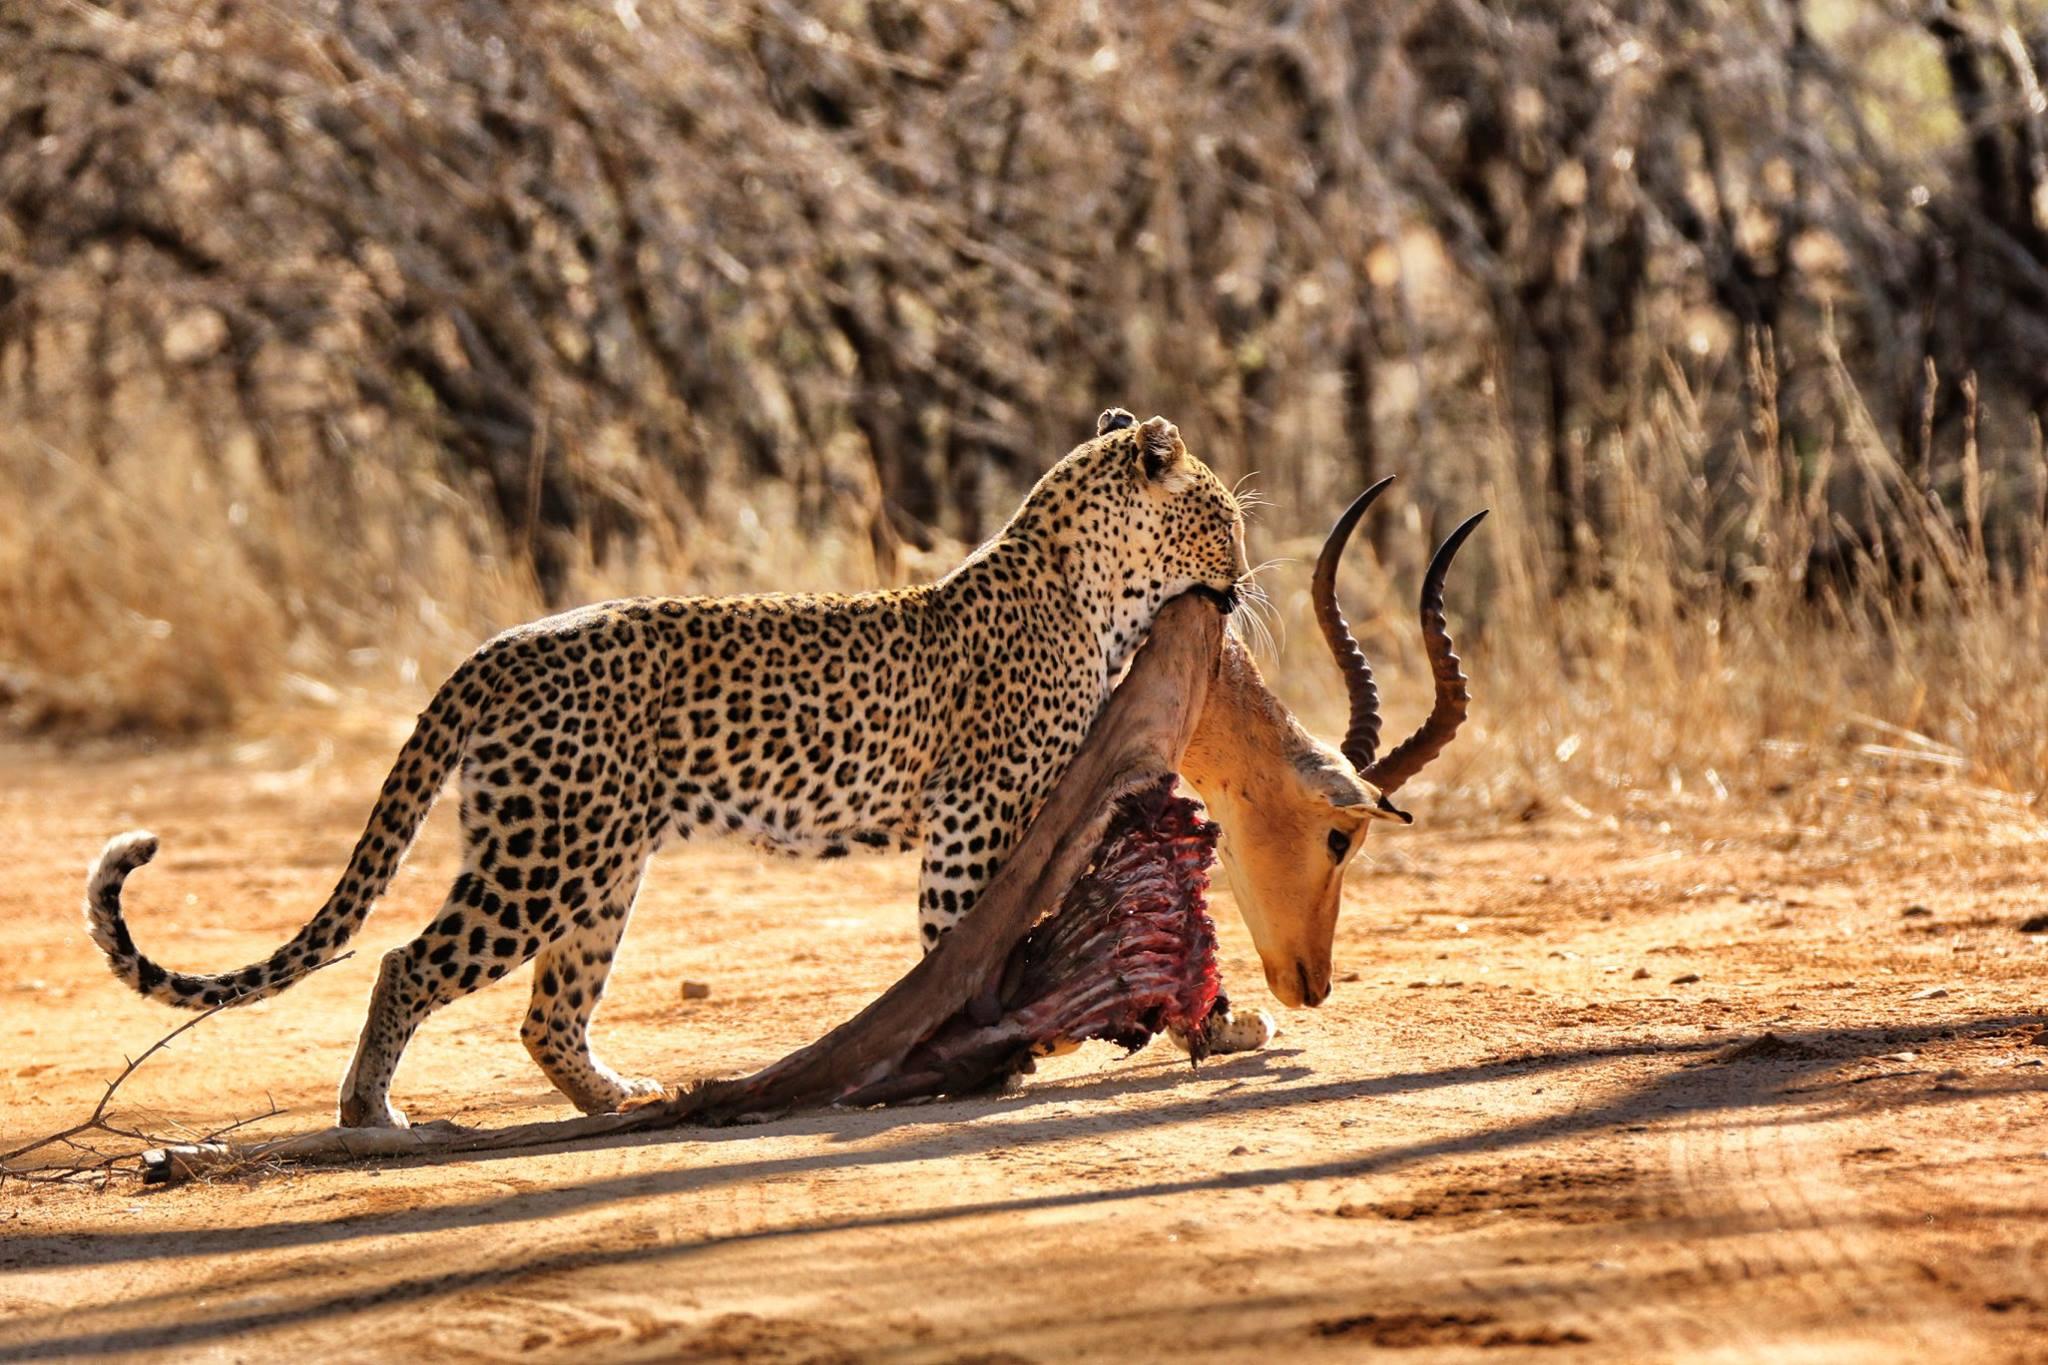 leopark kill kruger park south africa hermien grobler